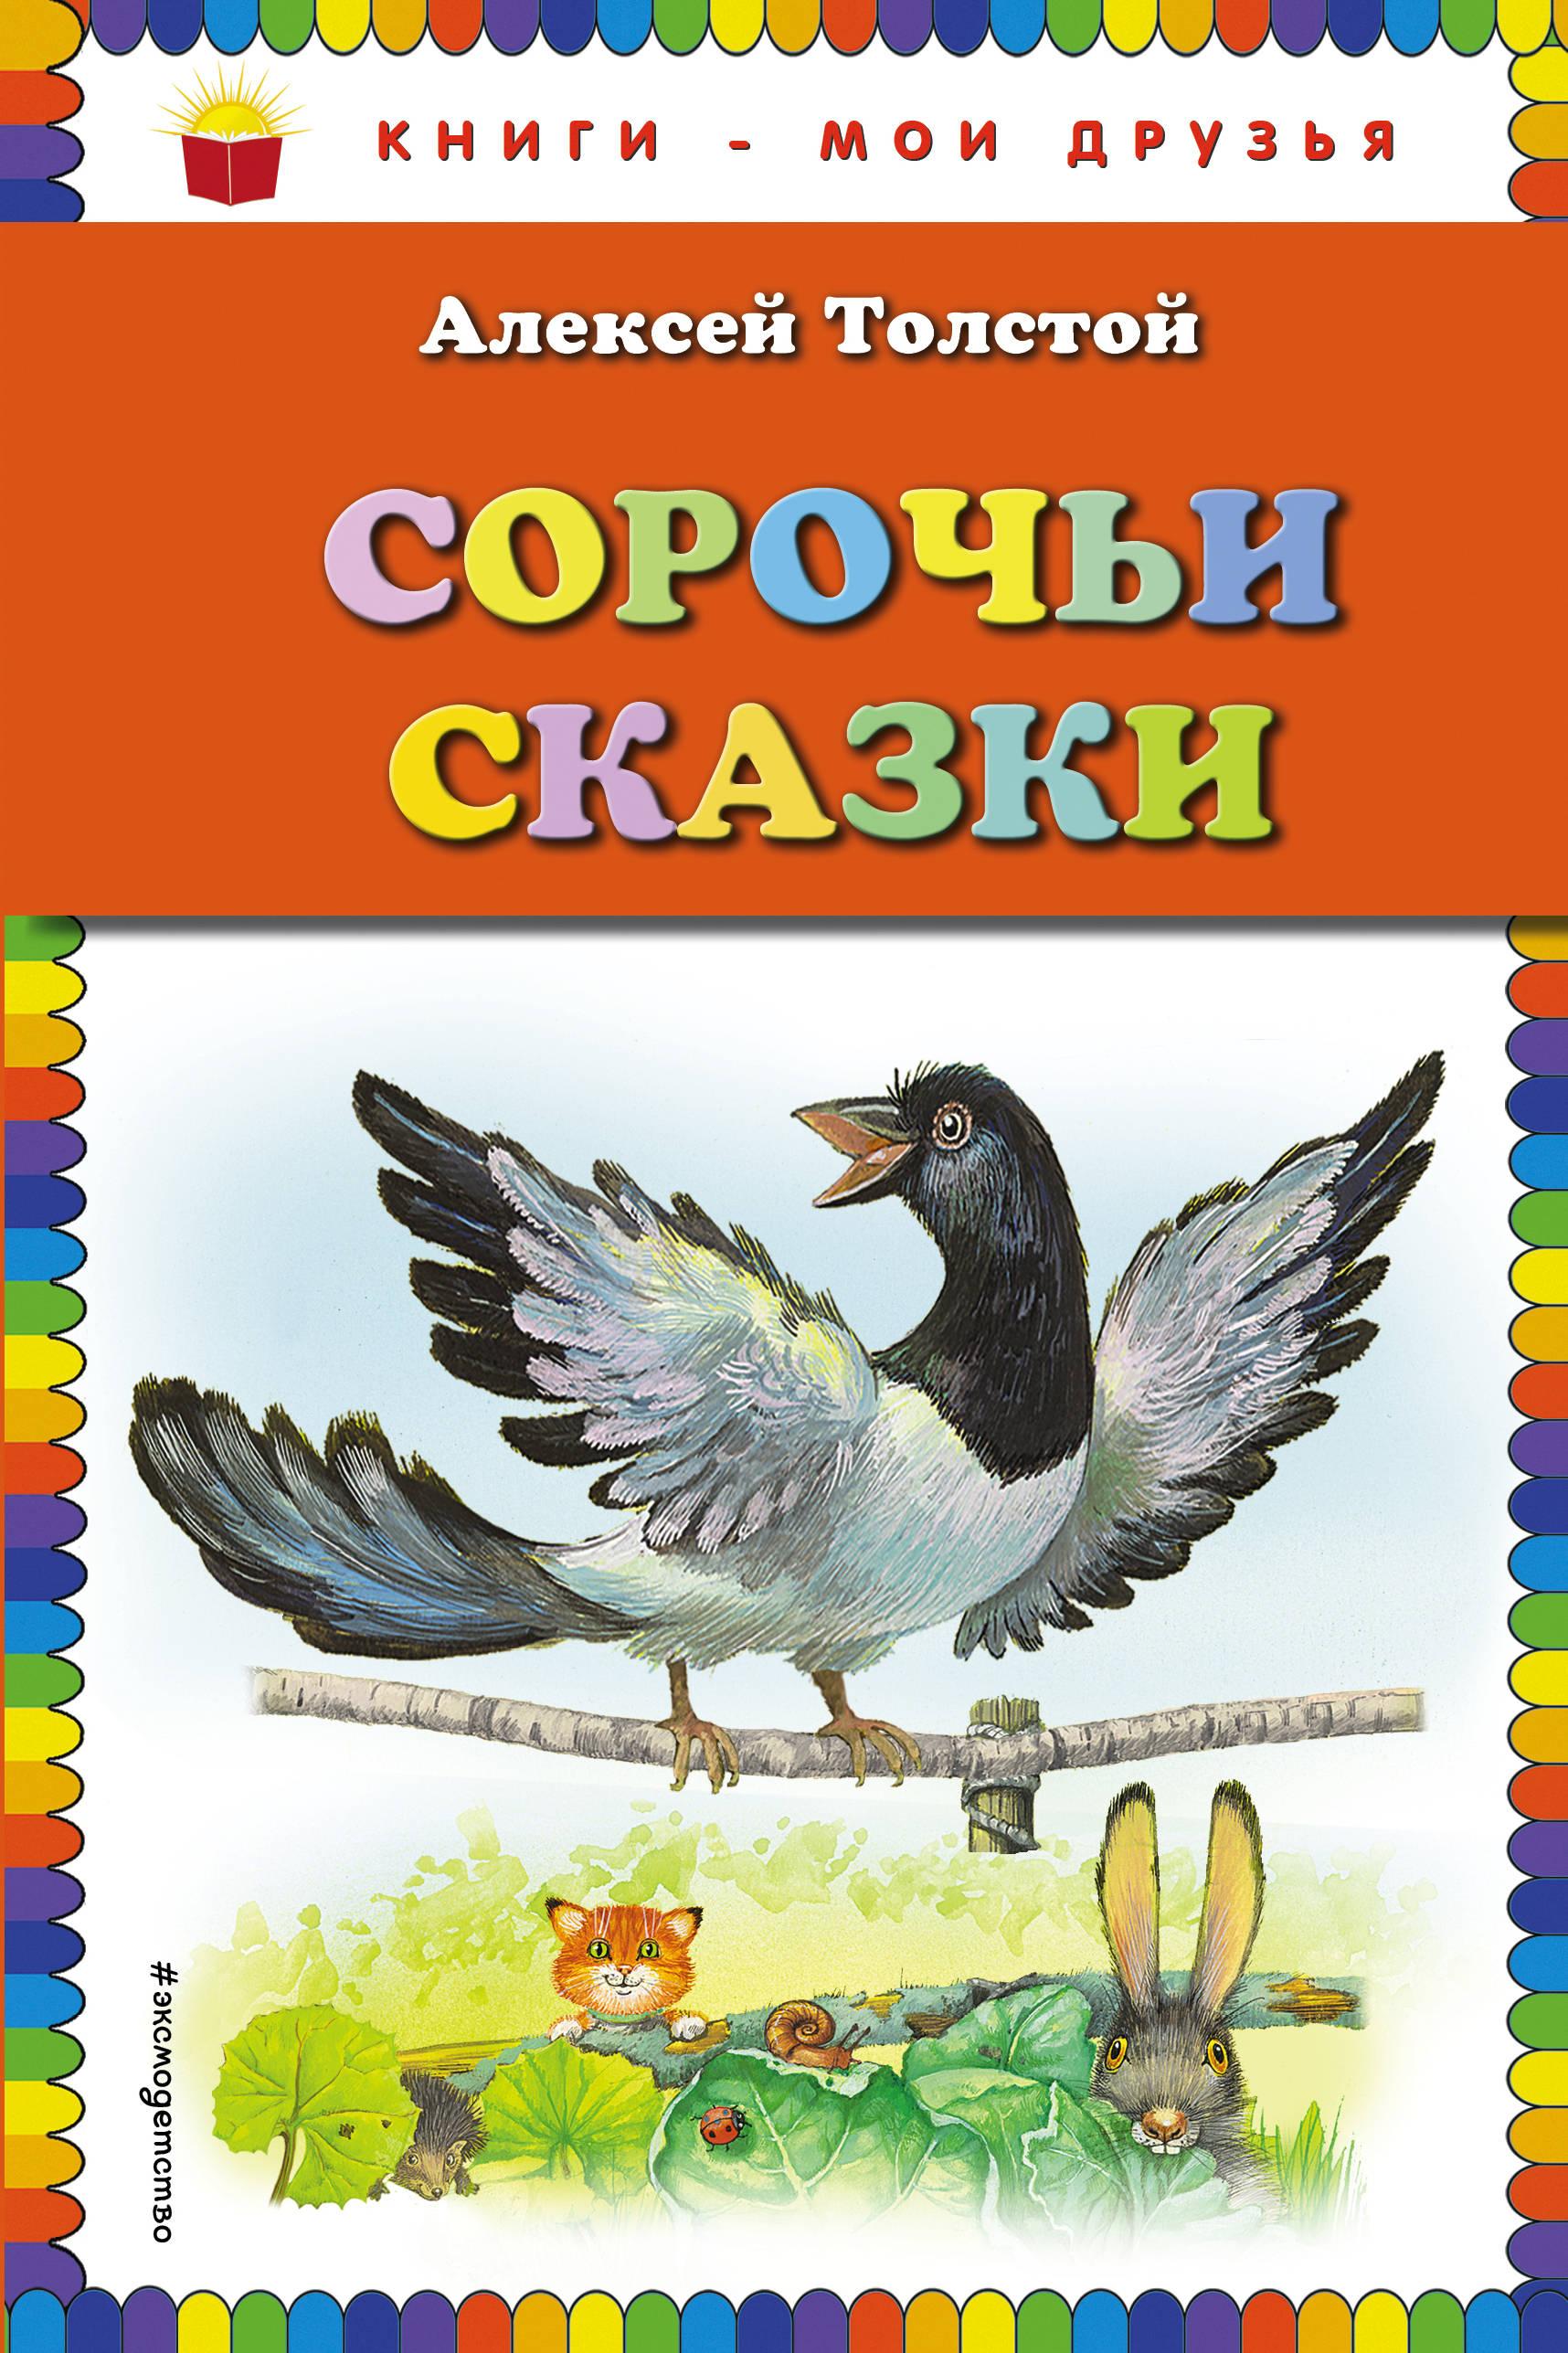 Толстой Алексей Николаевич Сорочьи сказки толстой алексей николаевич на рыбной ловле